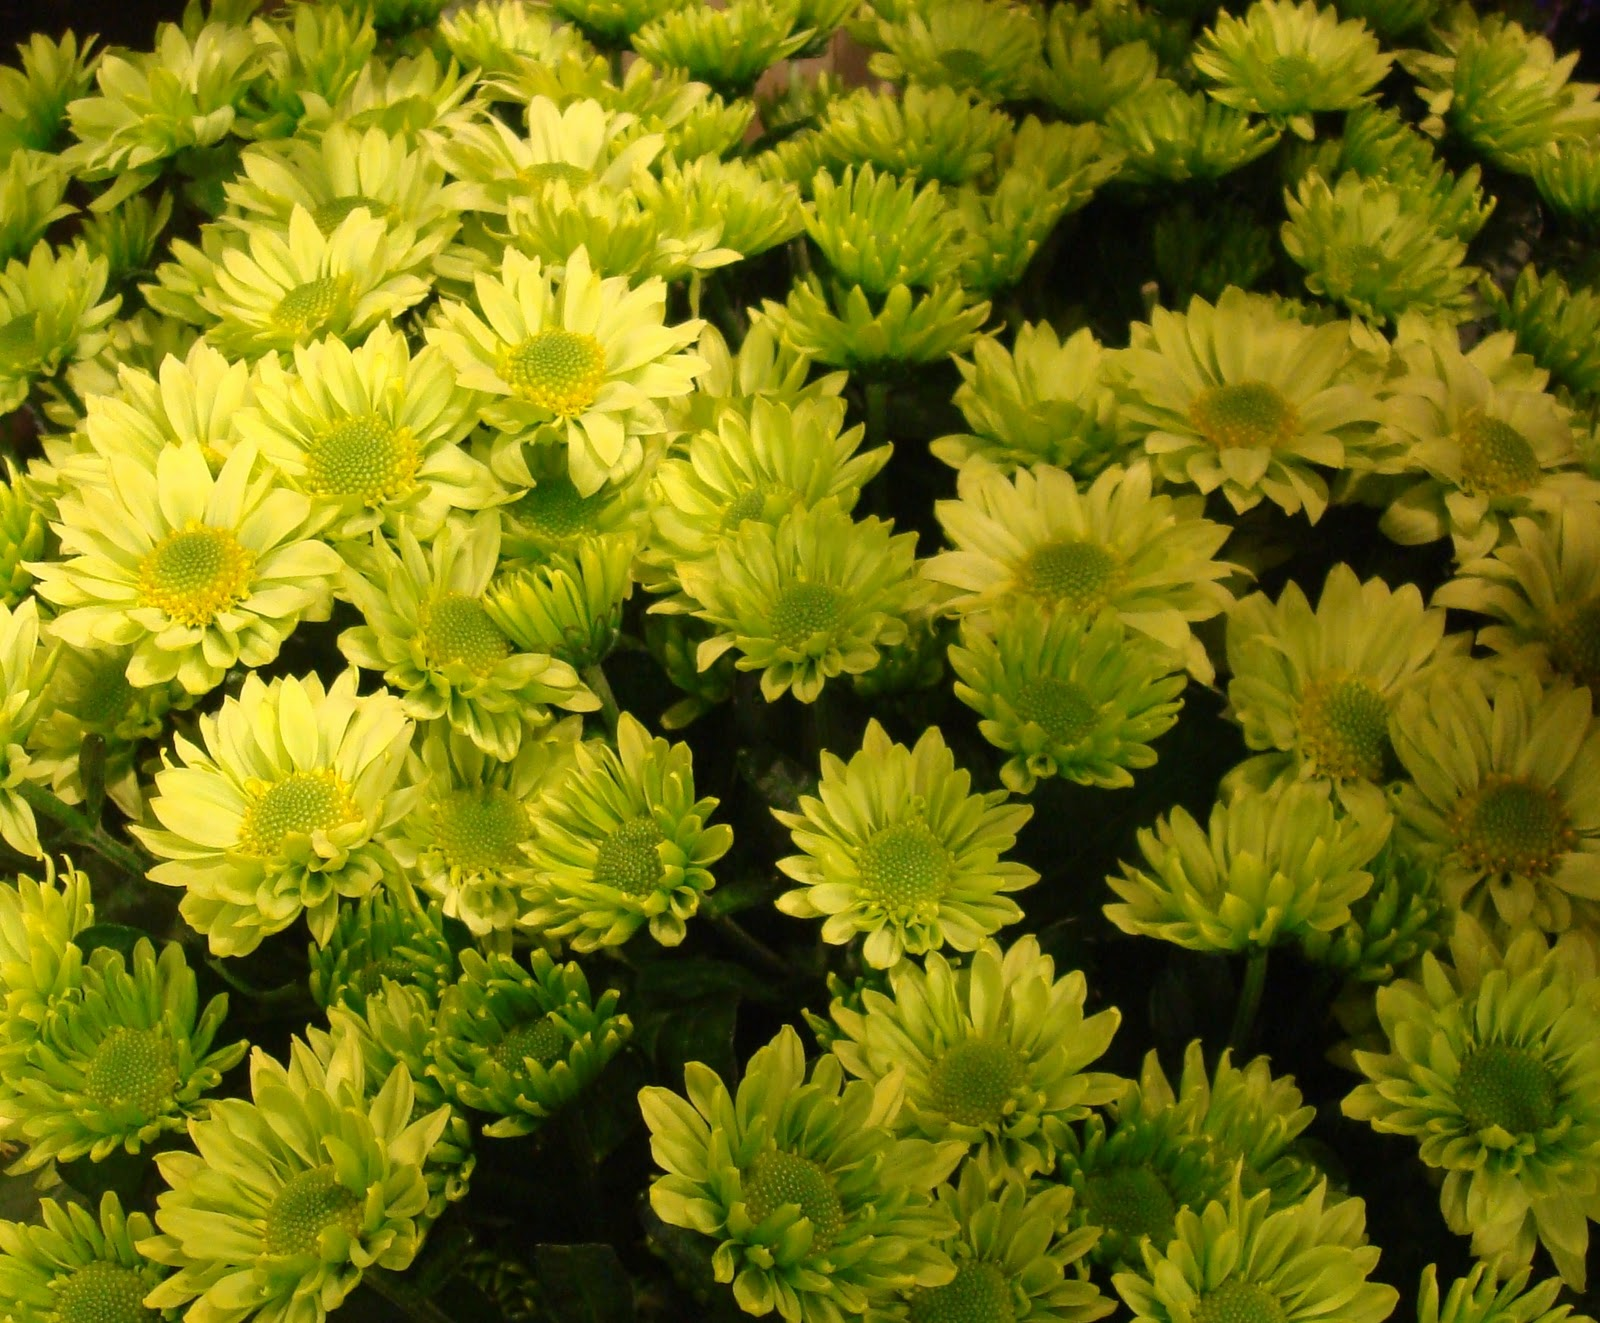 fleuriste isabelle feuvrier deux nouvelles vari t s de fleurs vertes en boutique cette semaine. Black Bedroom Furniture Sets. Home Design Ideas